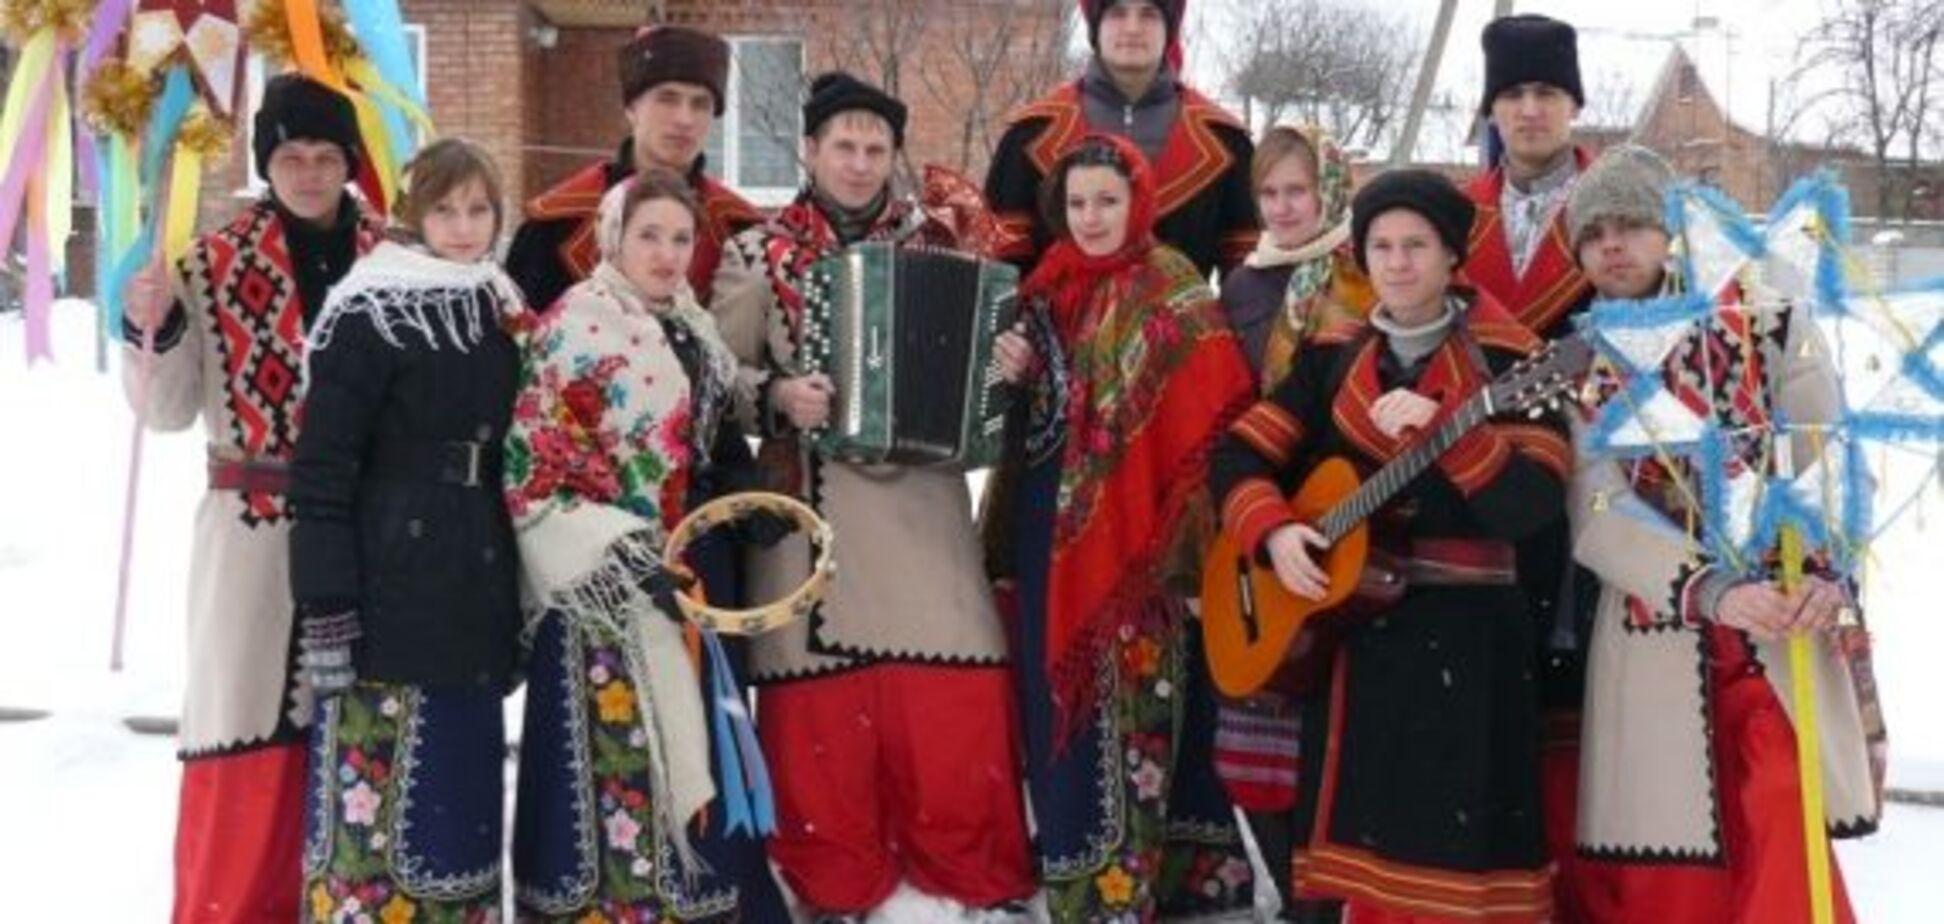 Про 'російських братів' і Різдво: як ми колядували у Мурманську